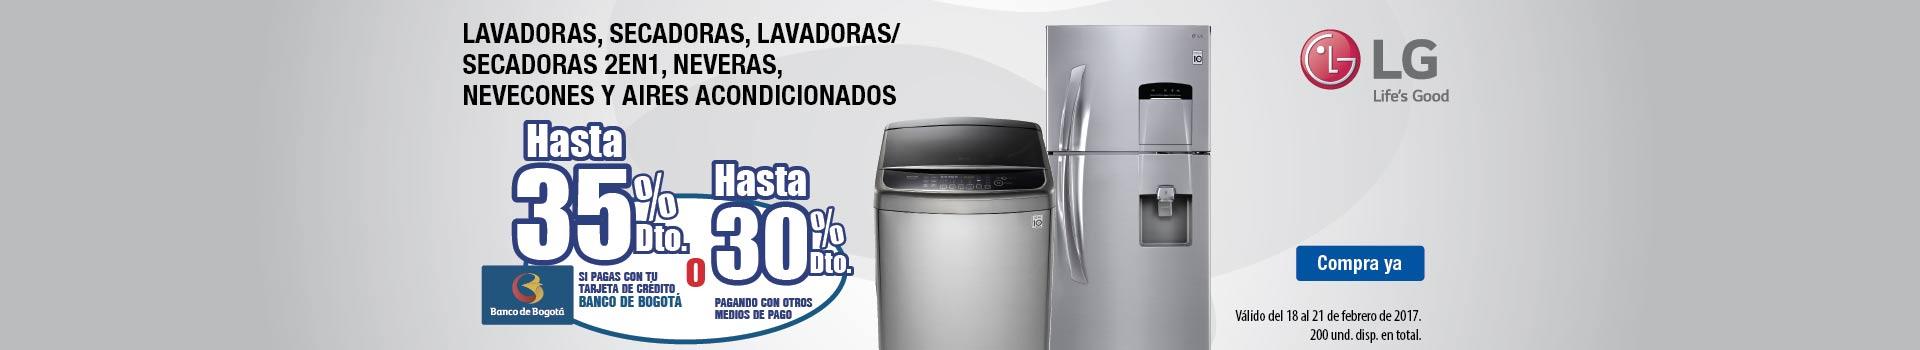 HIPER - feb 18 - LG Hasta 35%dto con Banco de Bogota y Hasta 30%Dto con otros medios